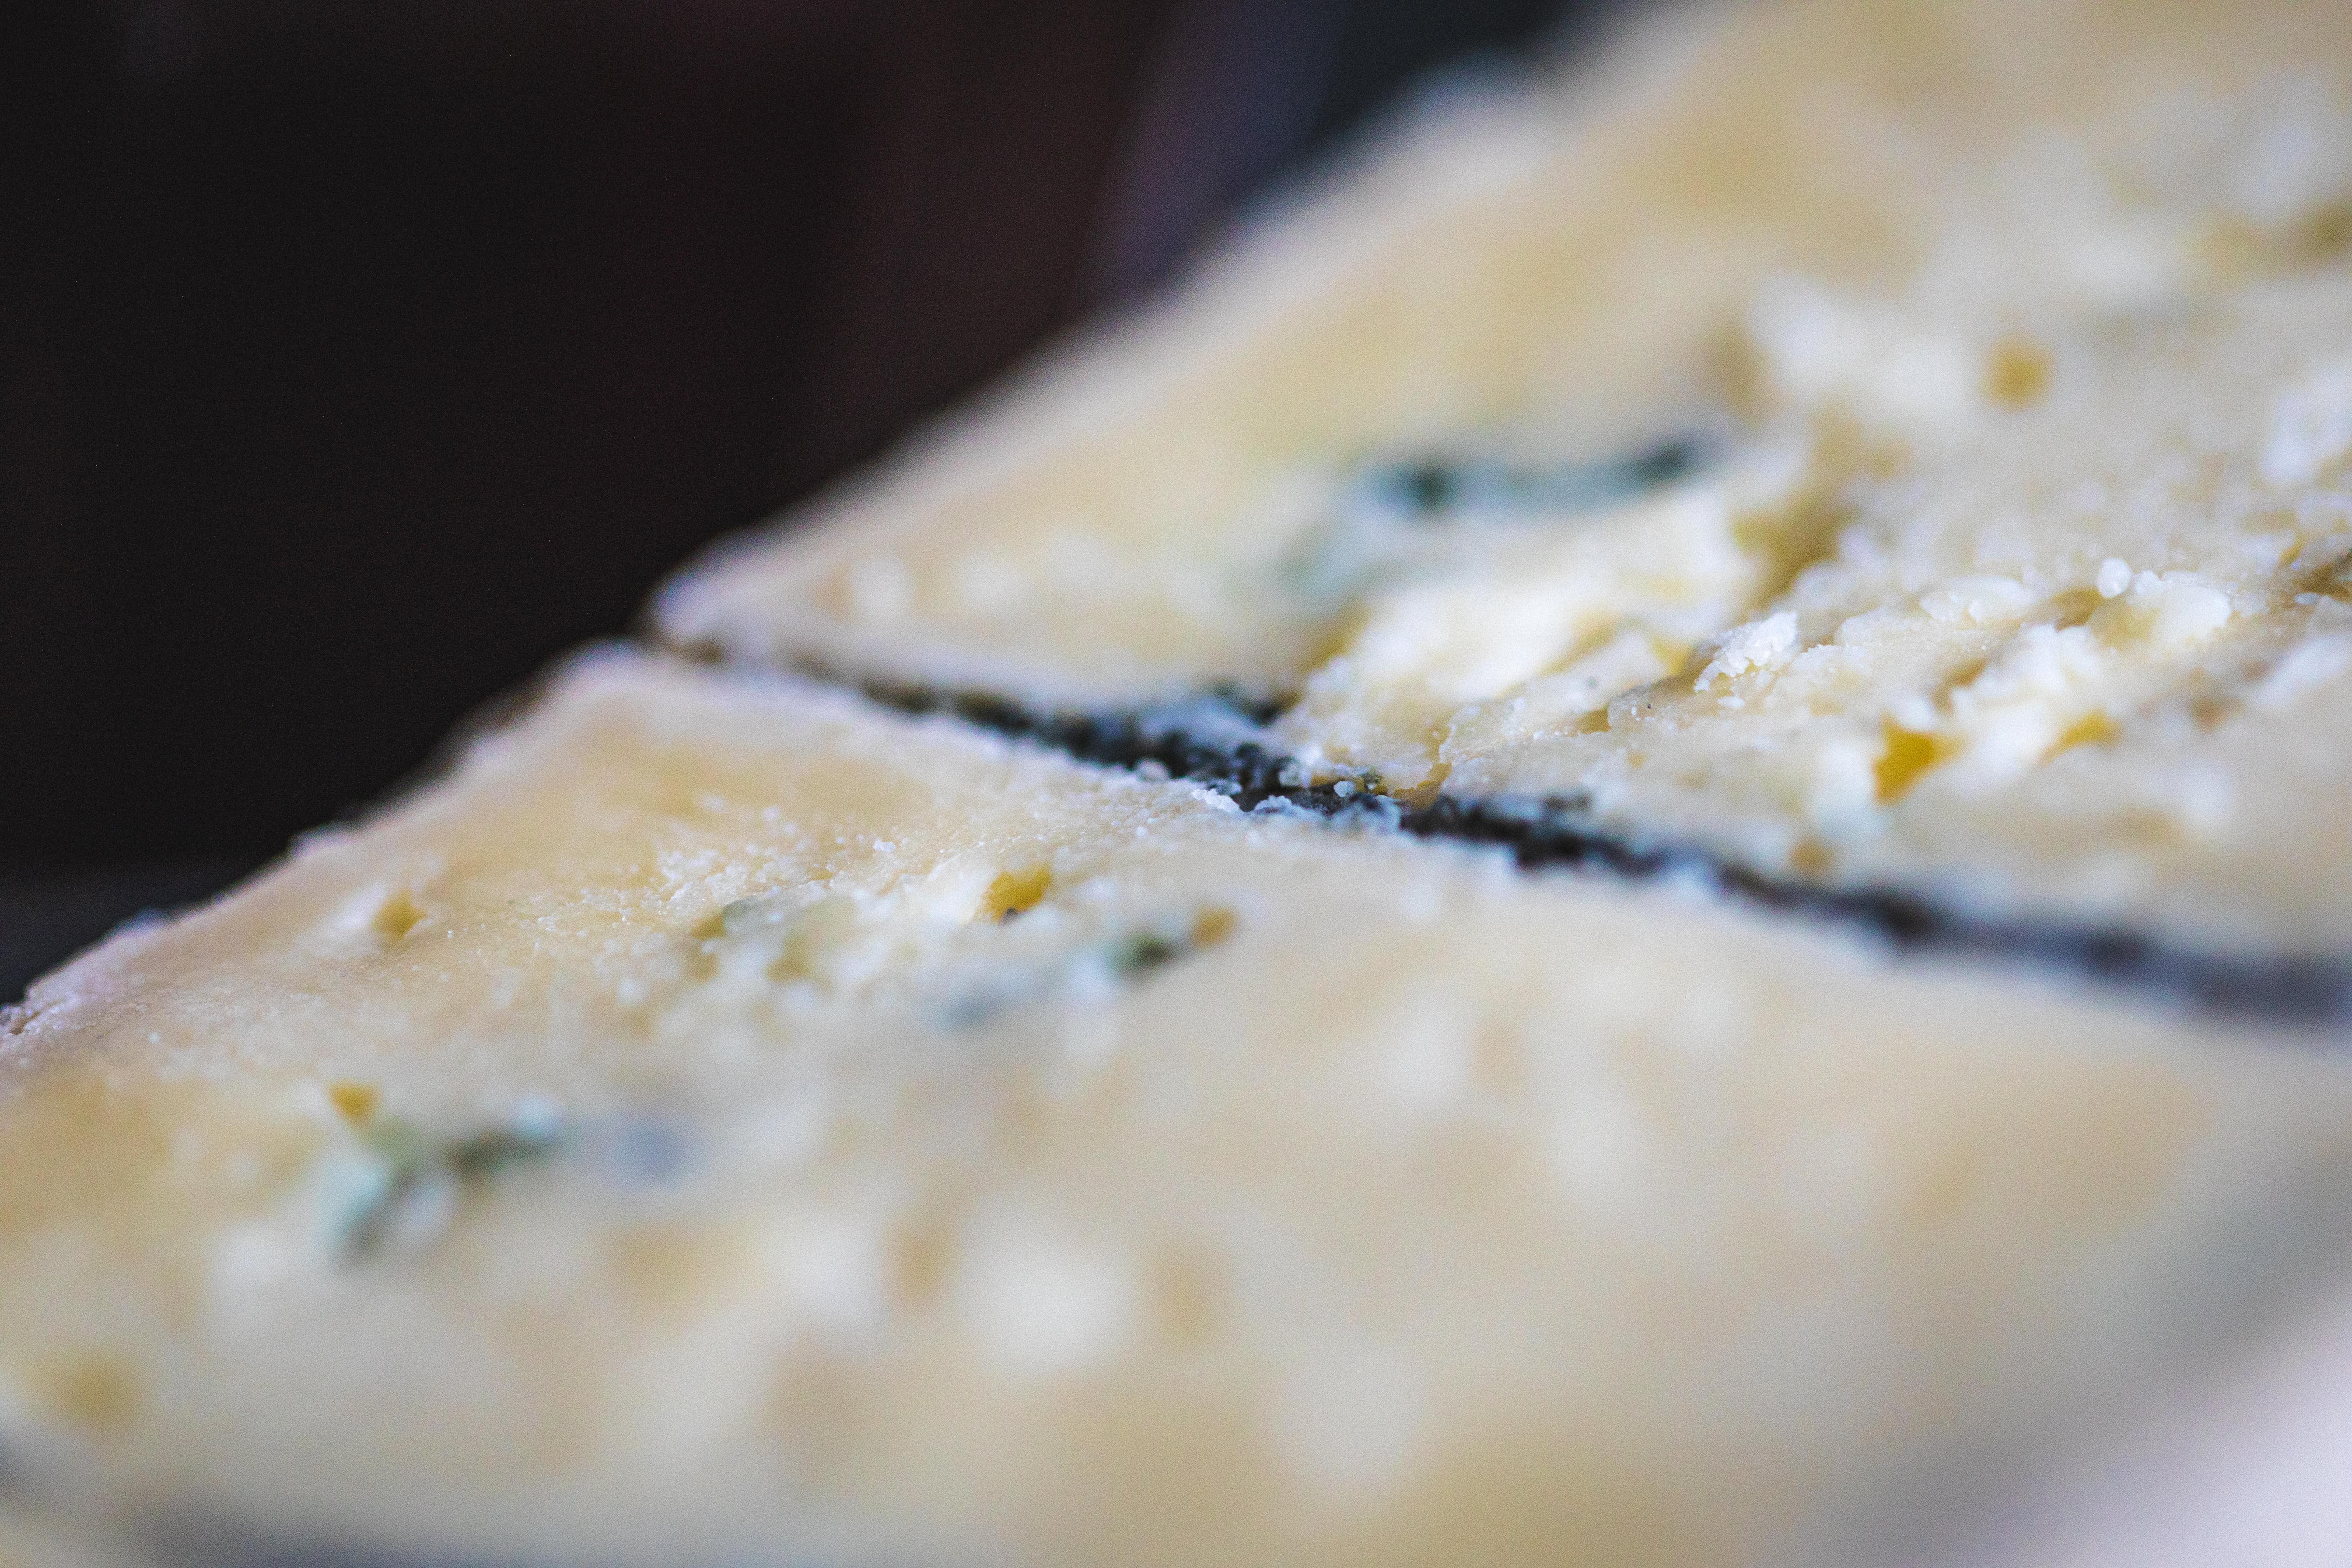 High weald brighton blue cheese